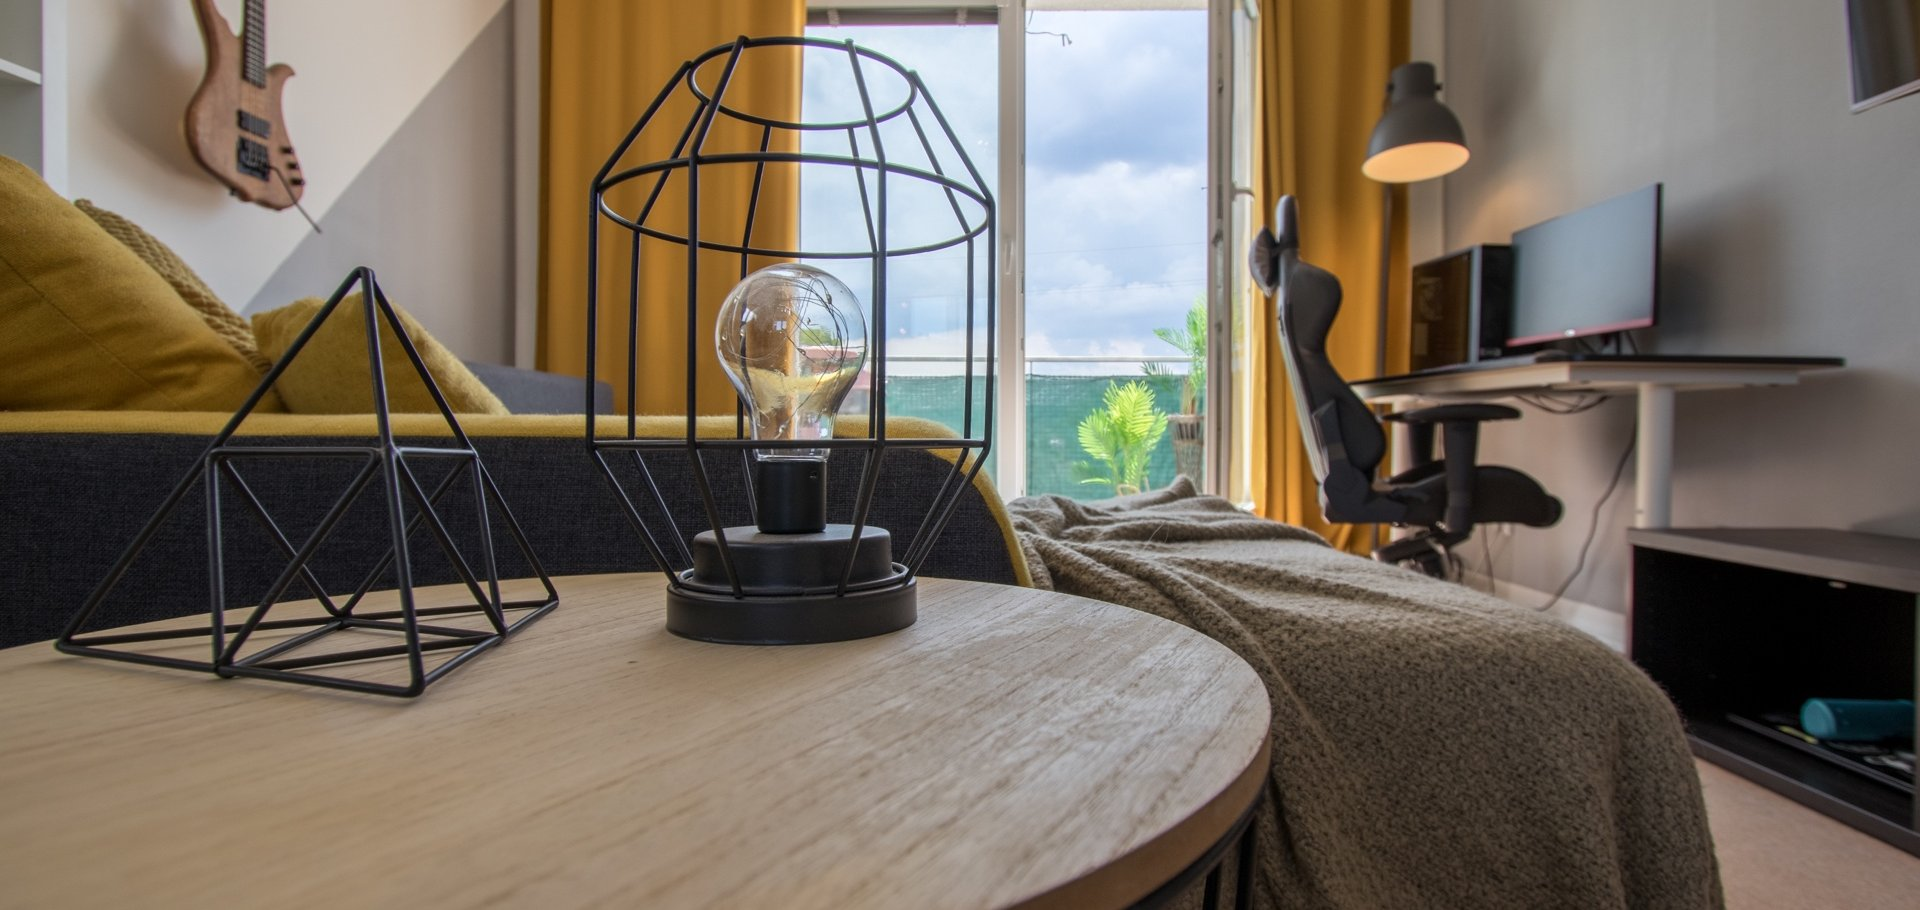 Byt 2+kk k vlastnímu bydlení nebo investici jen 8minut jízdy od Campus Square v Bohunicích